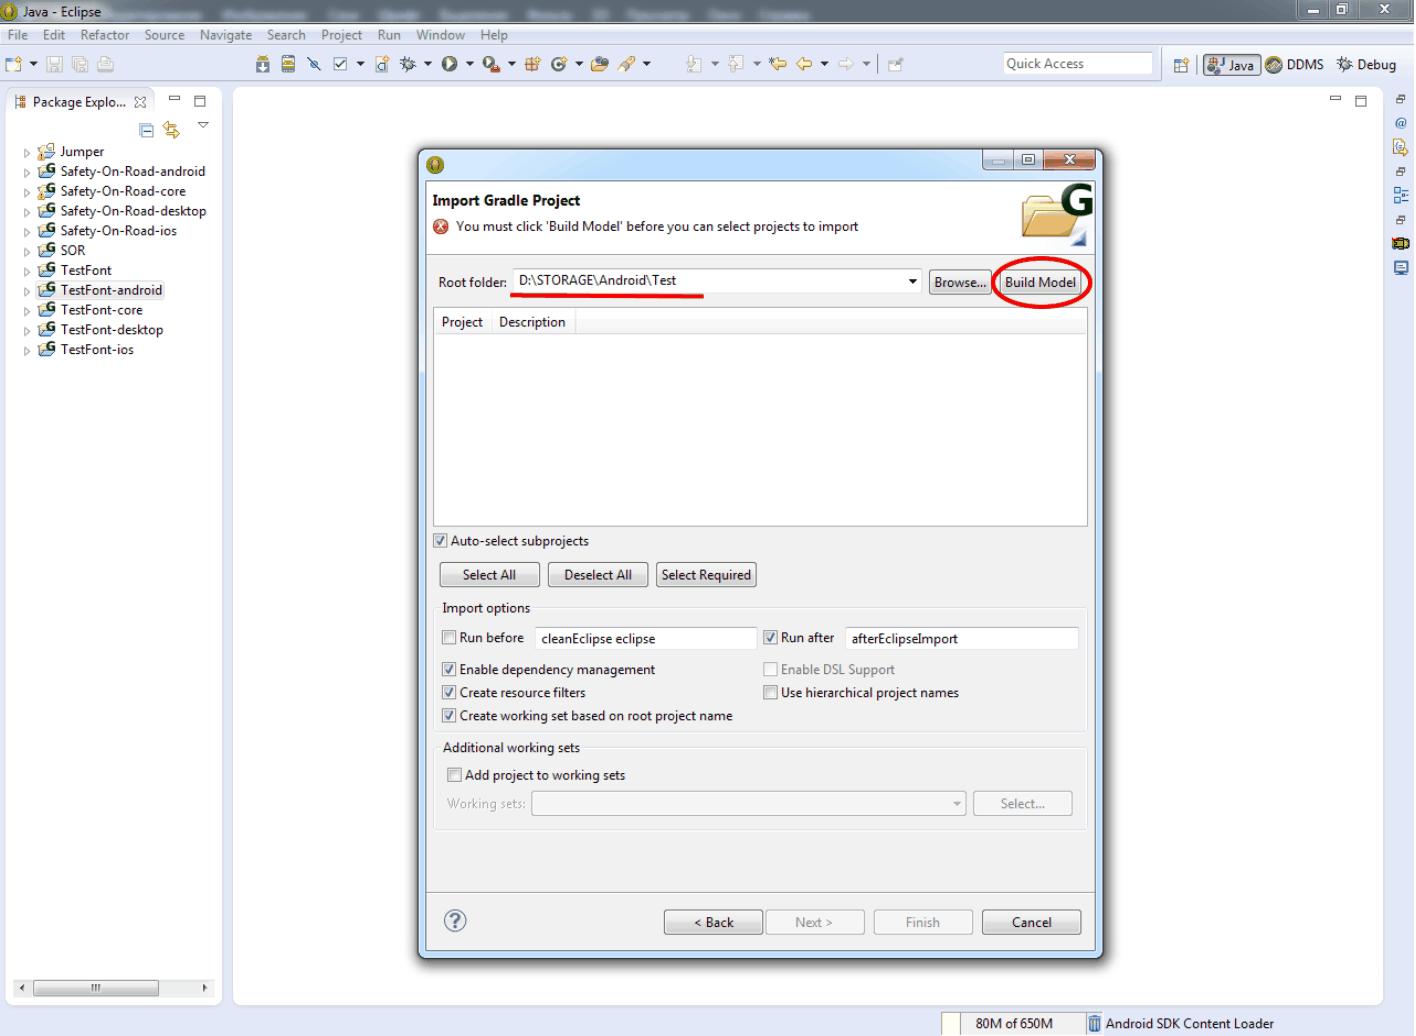 Убедитесь, что в поле Root folder появился нужный путь. Теперь нажимайте кнопку Build Model.